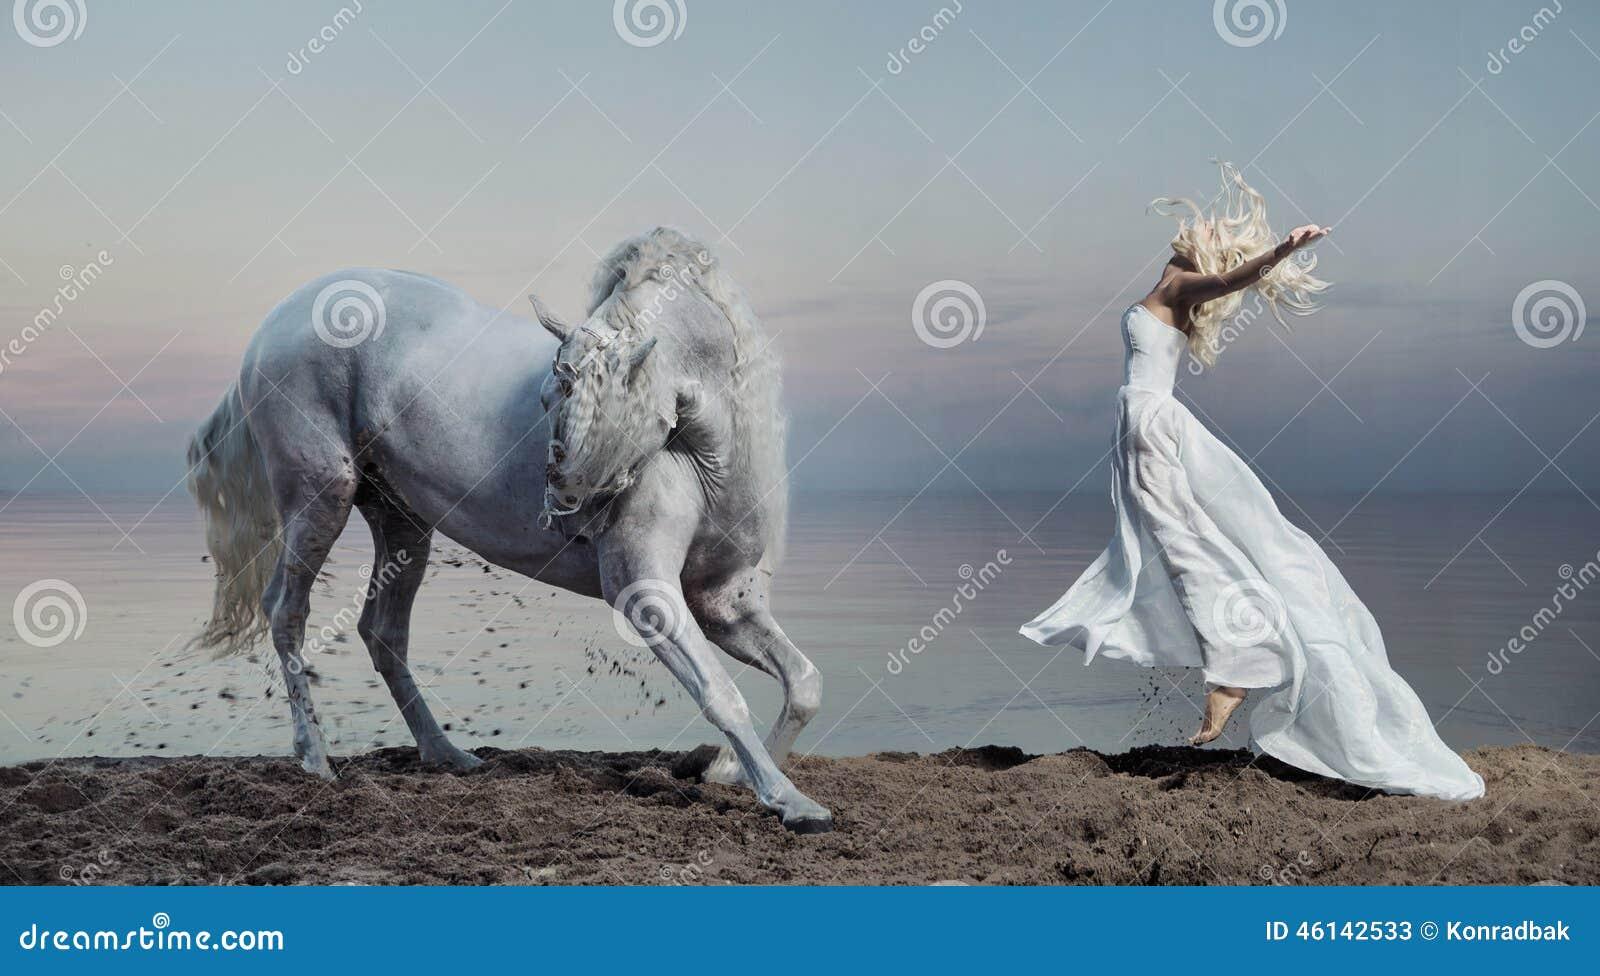 Φωτογραφία τέχνης της γυναίκας με το ισχυρό άλογο